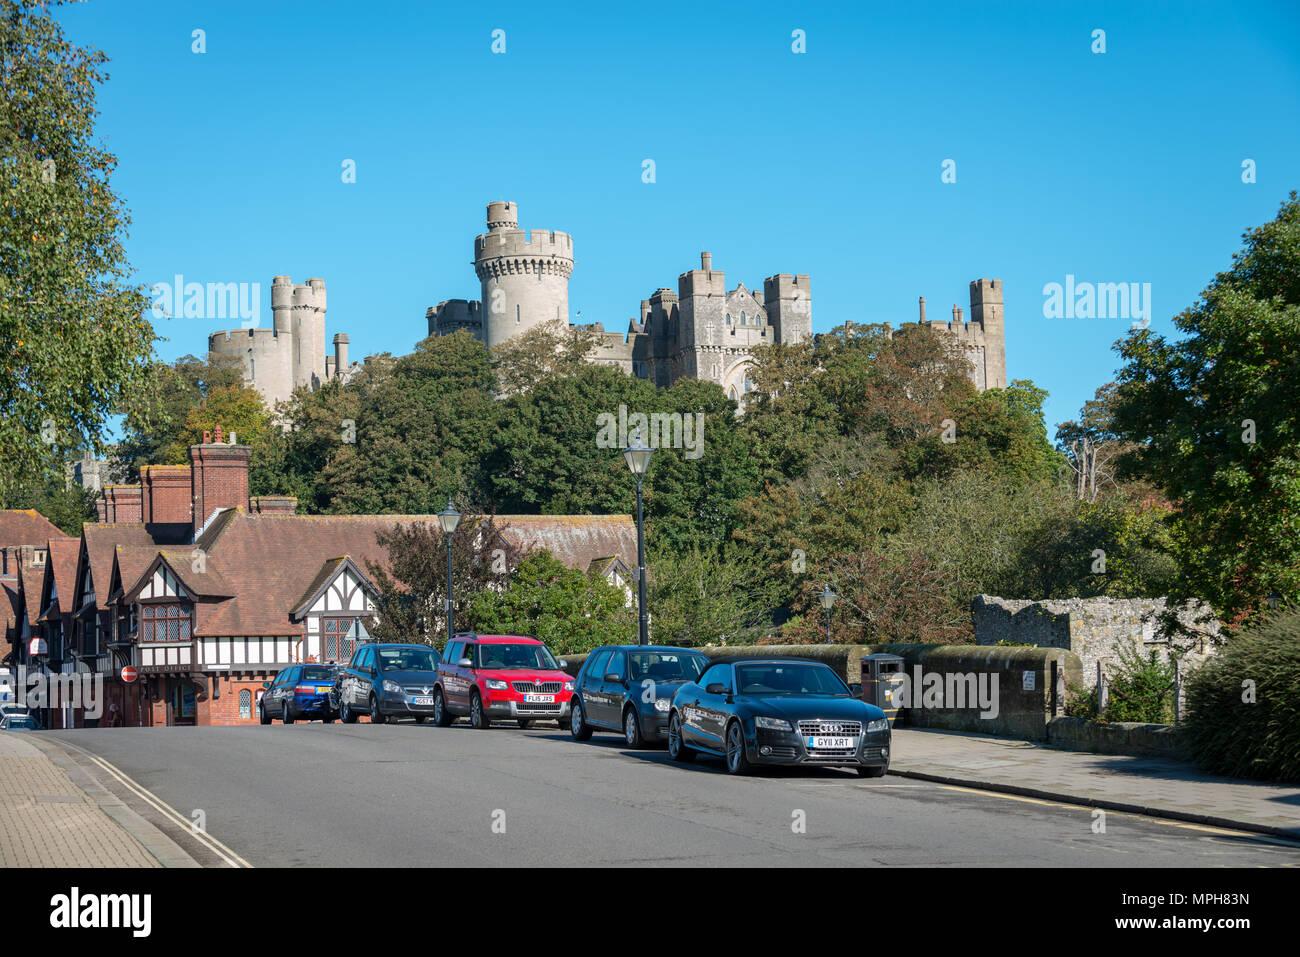 Castillo de la ciudad de Arundel. Coches estacionados en una carretera cerca del Castillo de Arundel en Arundel, West Sussex, Reino Unido. Foto de stock